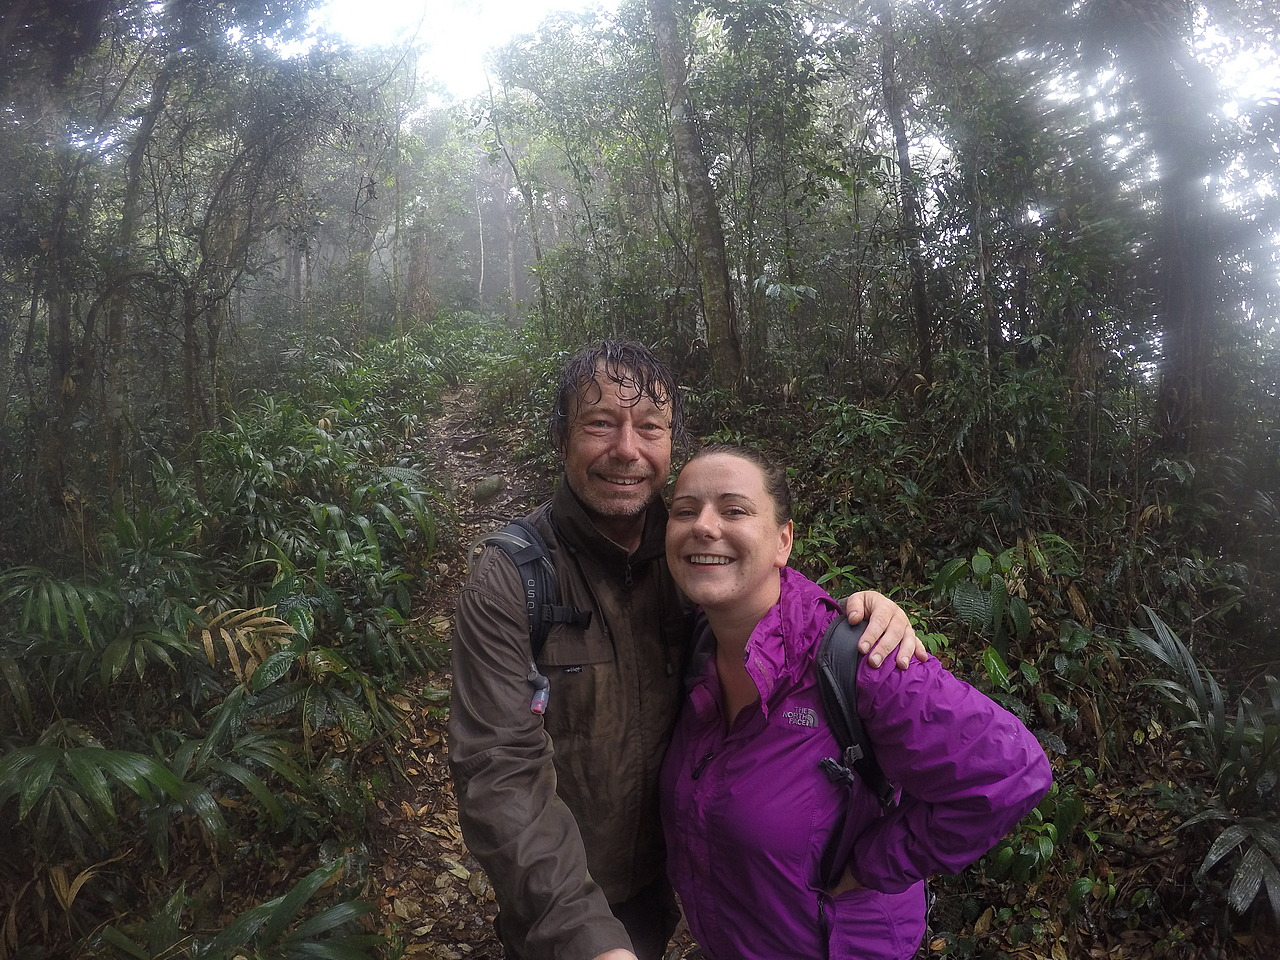 Wilderness explorers 1